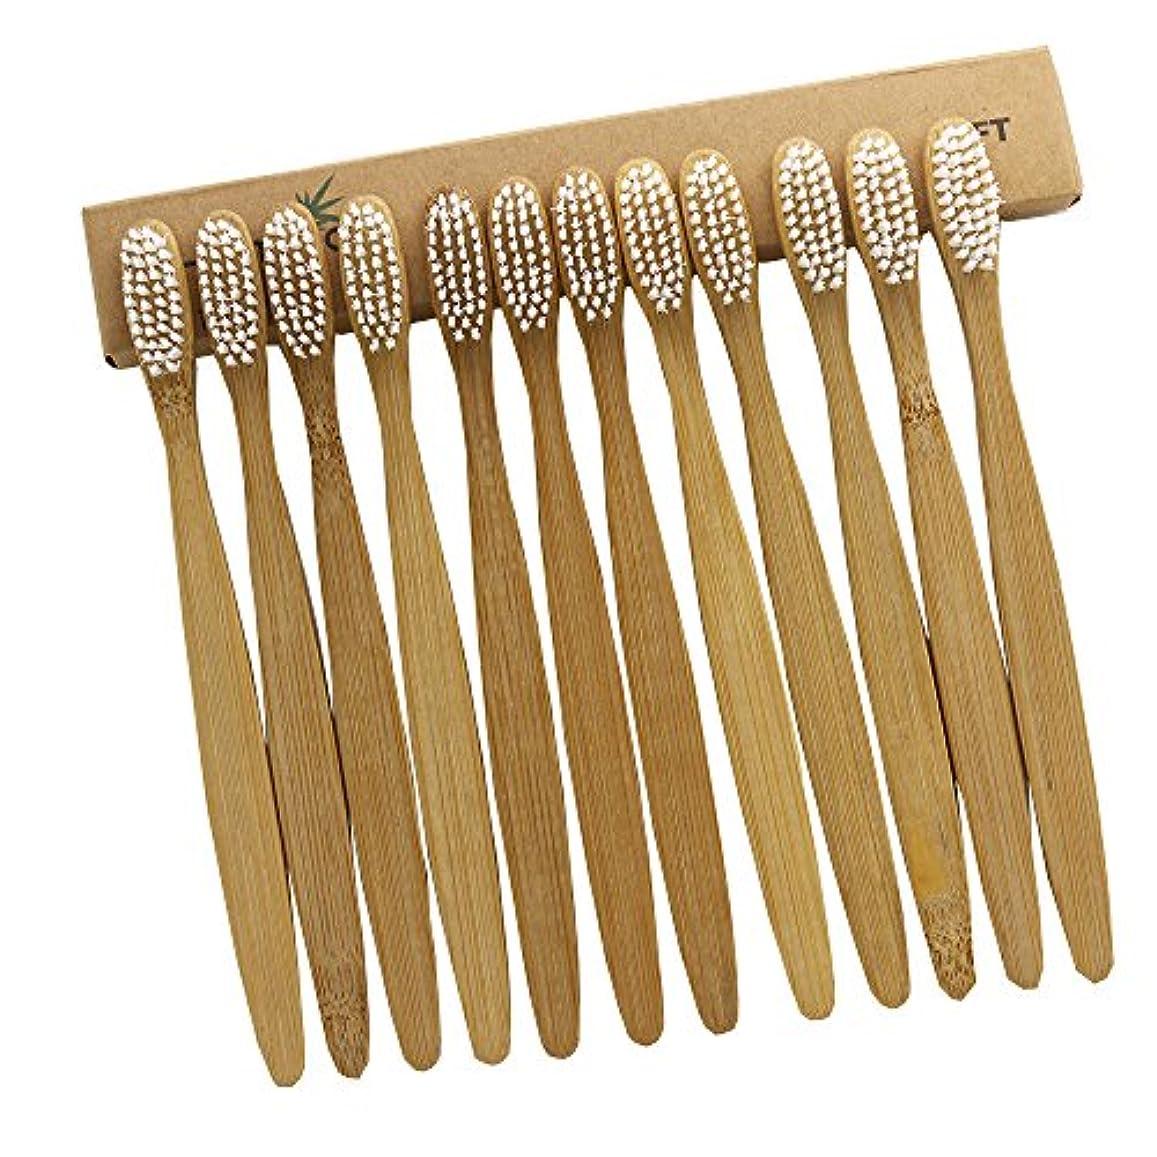 けがをする食器棚トラックN-amboo 竹製 歯ブラシ 高耐久性 セット エコ 軽量 12本入り セット白